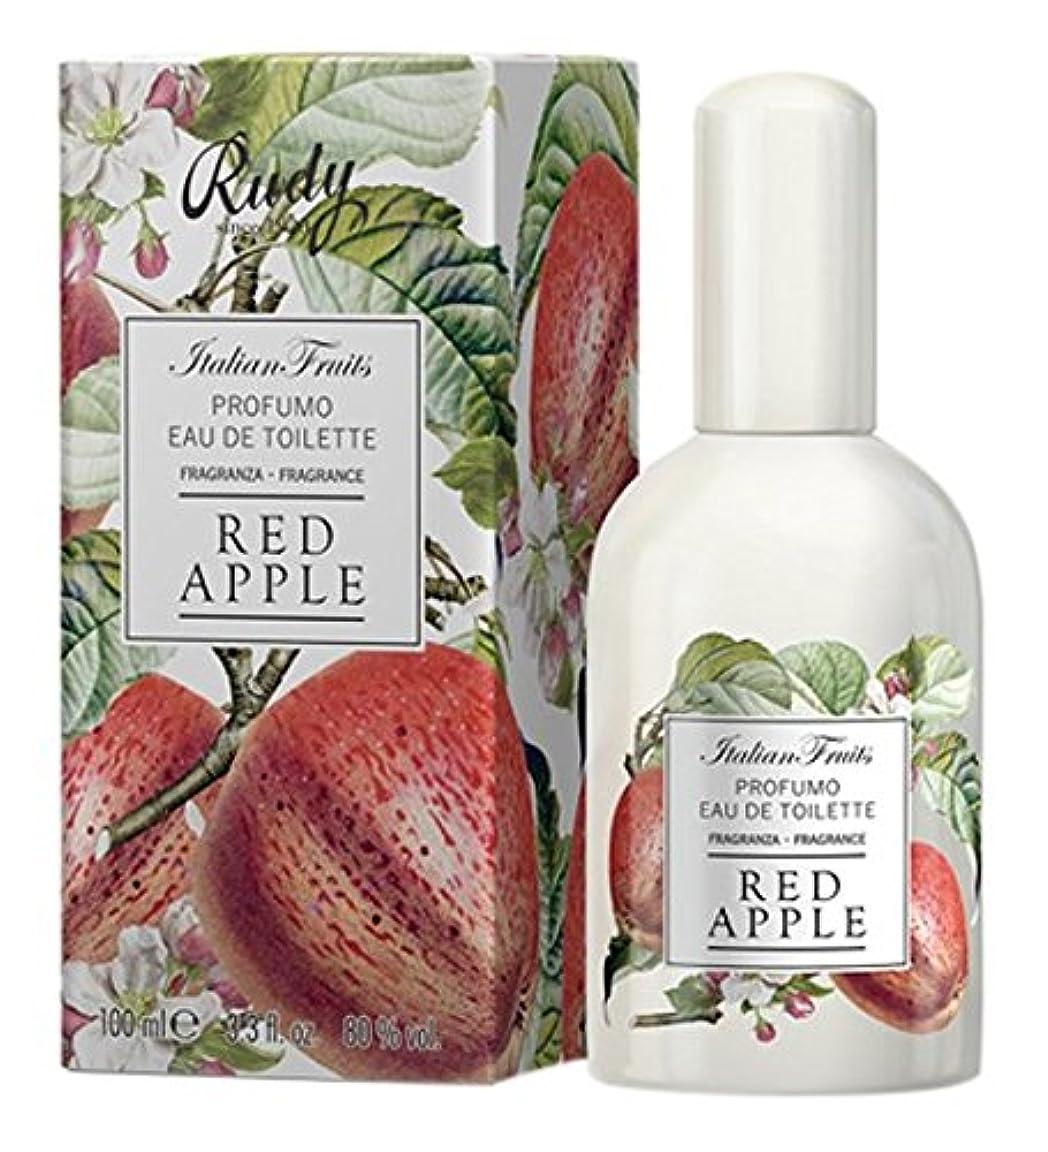 財政今晩葉を集めるRUDY Italian Fruits Series ルディ イタリアンフルーツ Eau De Toilette オードトワレ Red Apple